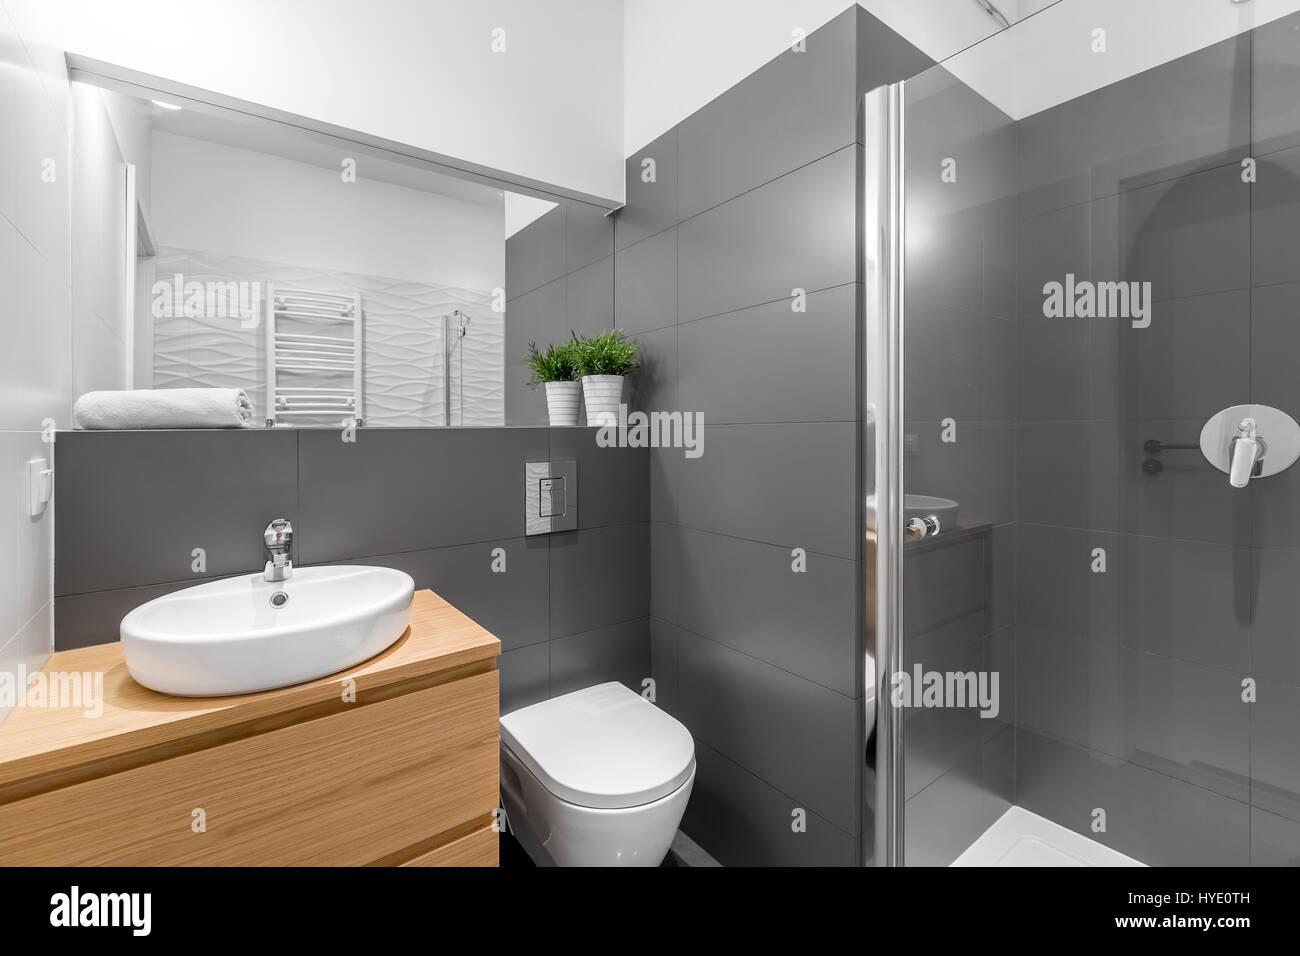 Bagno Legno Bianco : Bagno bianco grigio e legno rivestimento bagno travertino